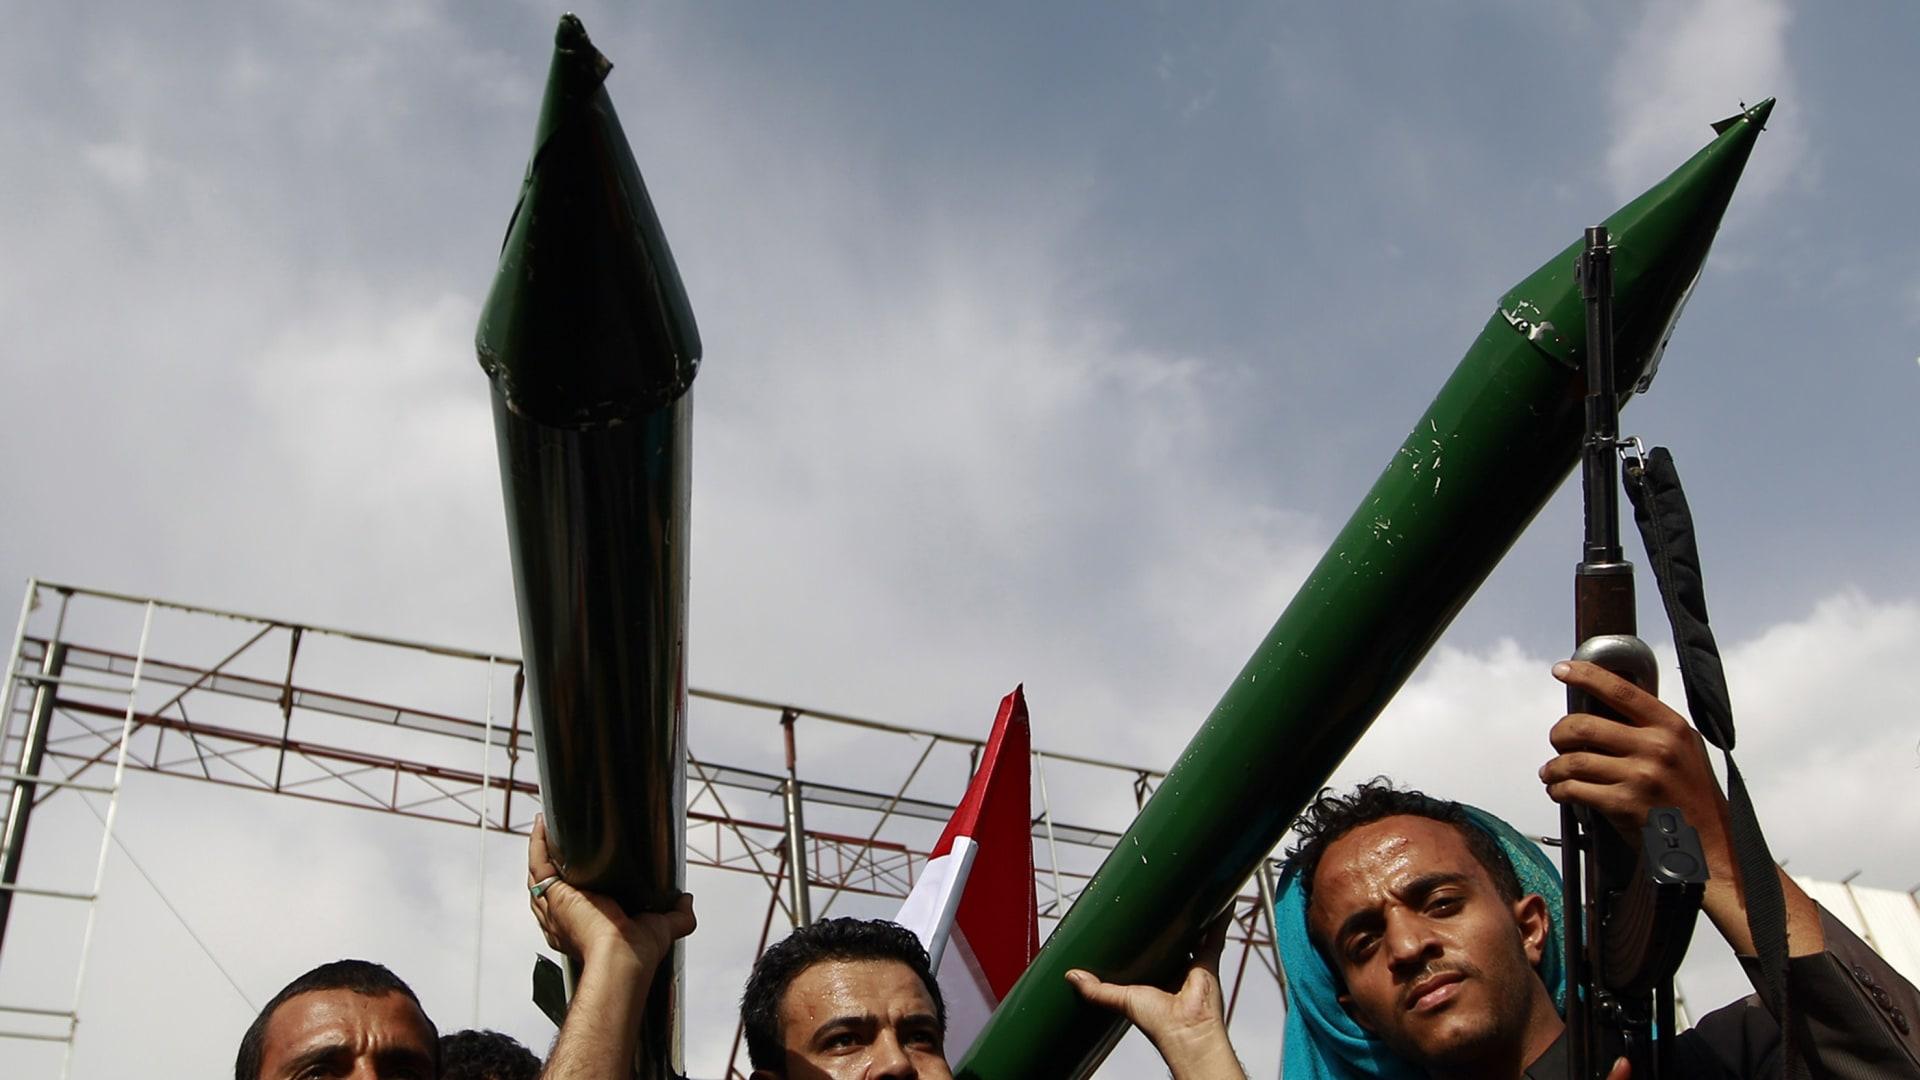 كل ما قد تود أن تعرفه عن المبادرة السعودية ورد الحوثيين والمجتمع الدولي